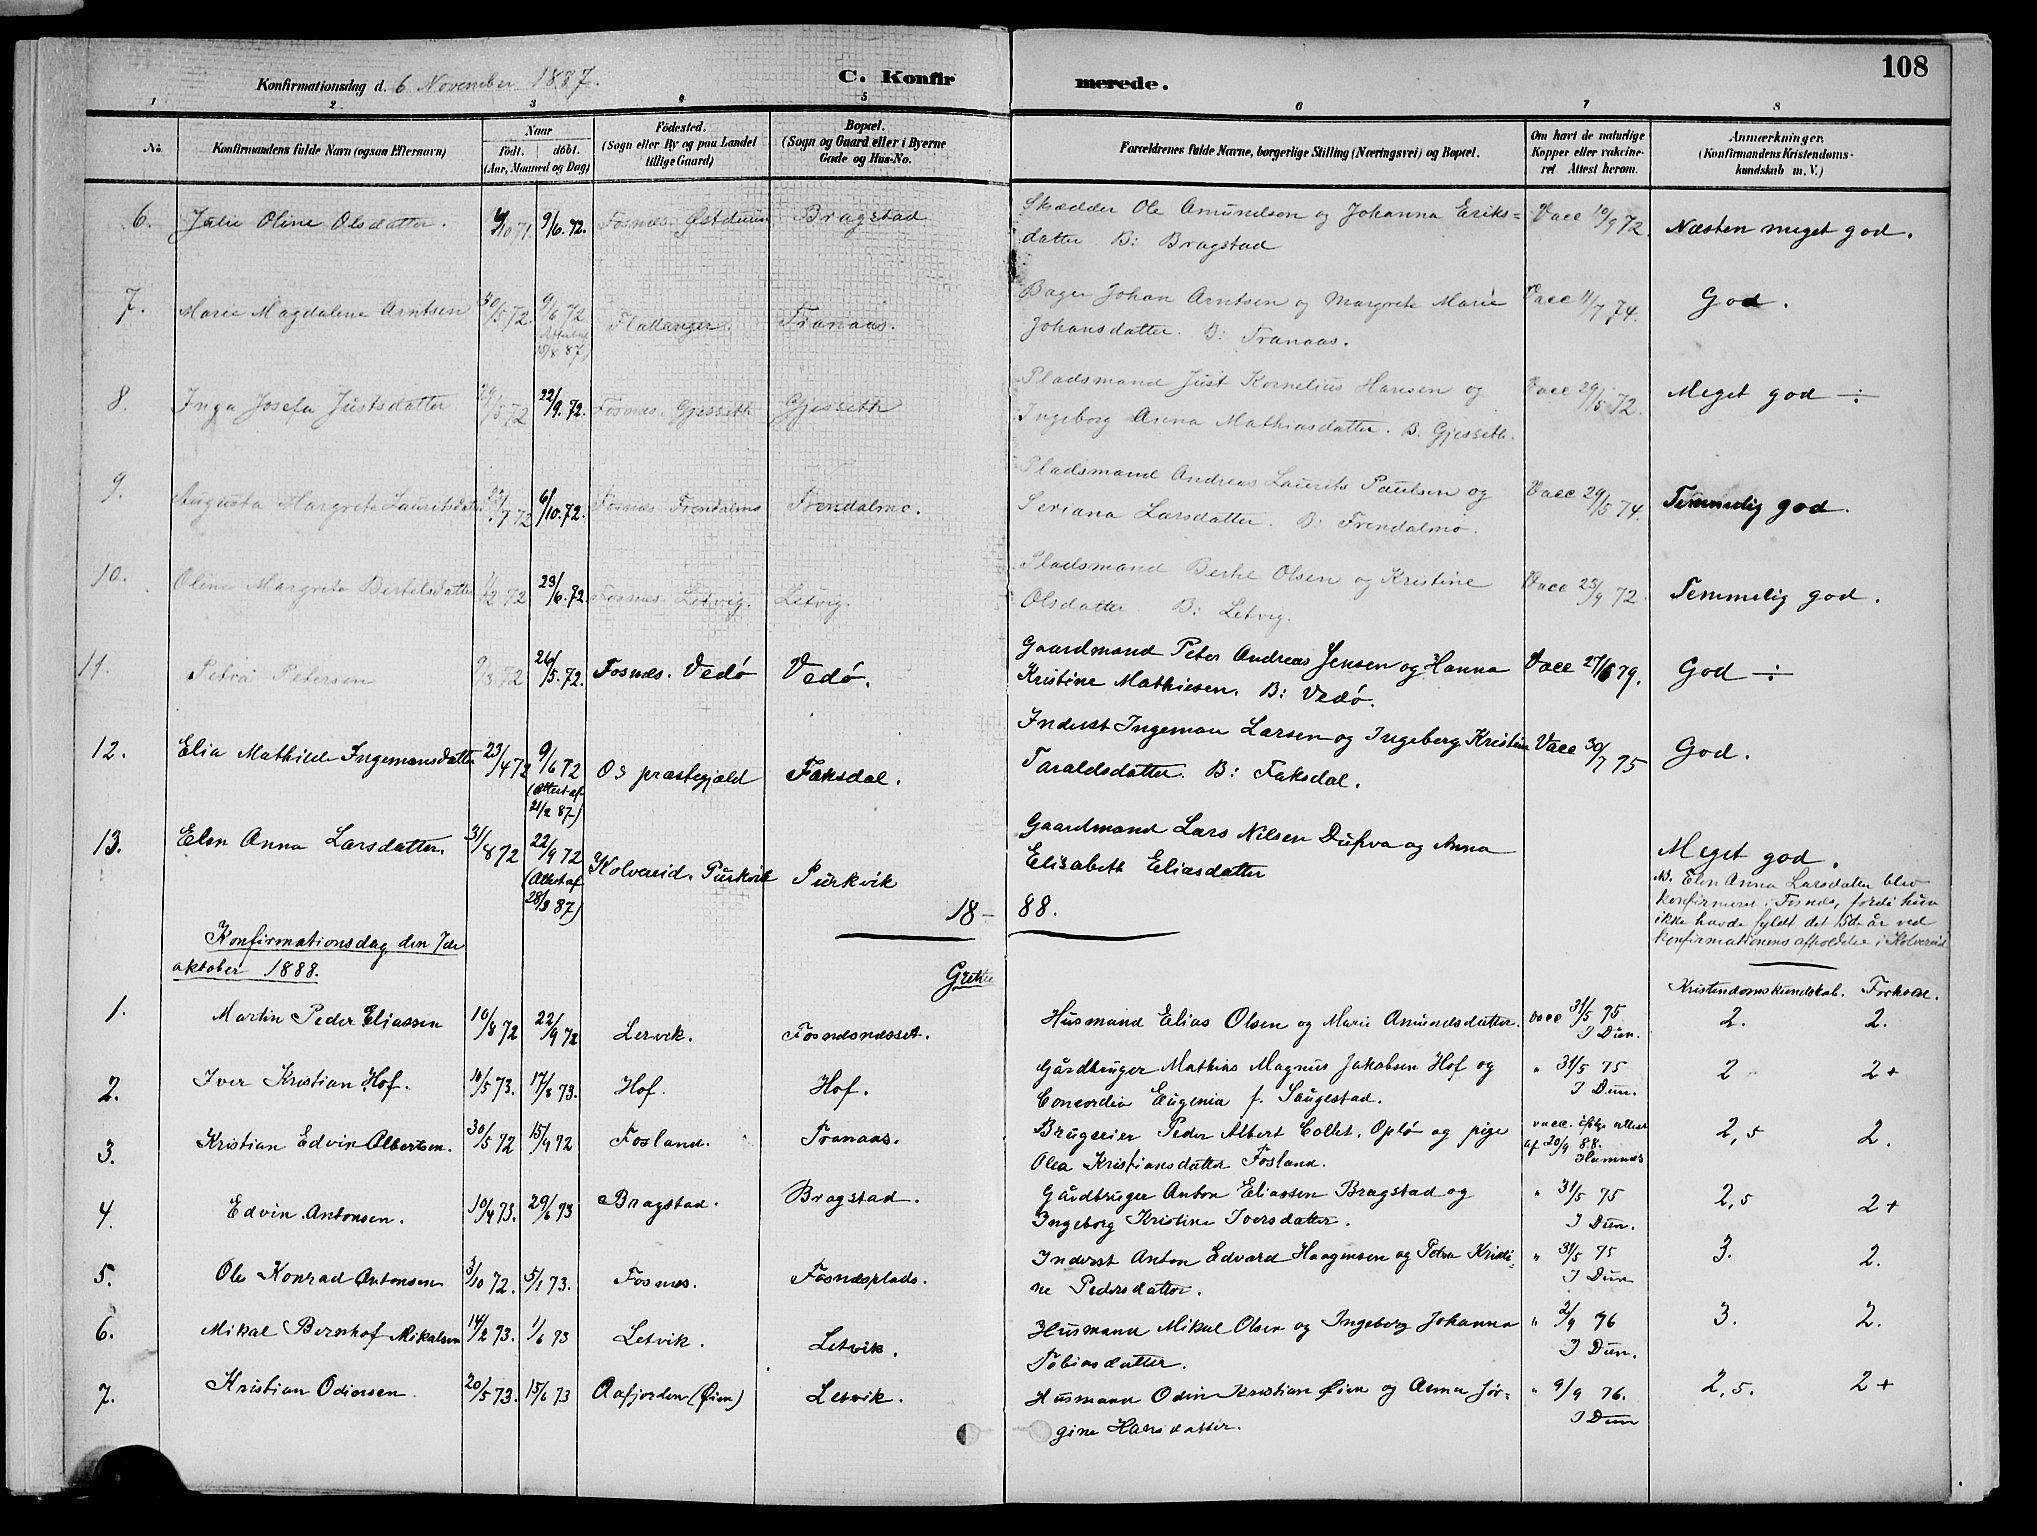 SAT, Ministerialprotokoller, klokkerbøker og fødselsregistre - Nord-Trøndelag, 773/L0617: Ministerialbok nr. 773A08, 1887-1910, s. 108